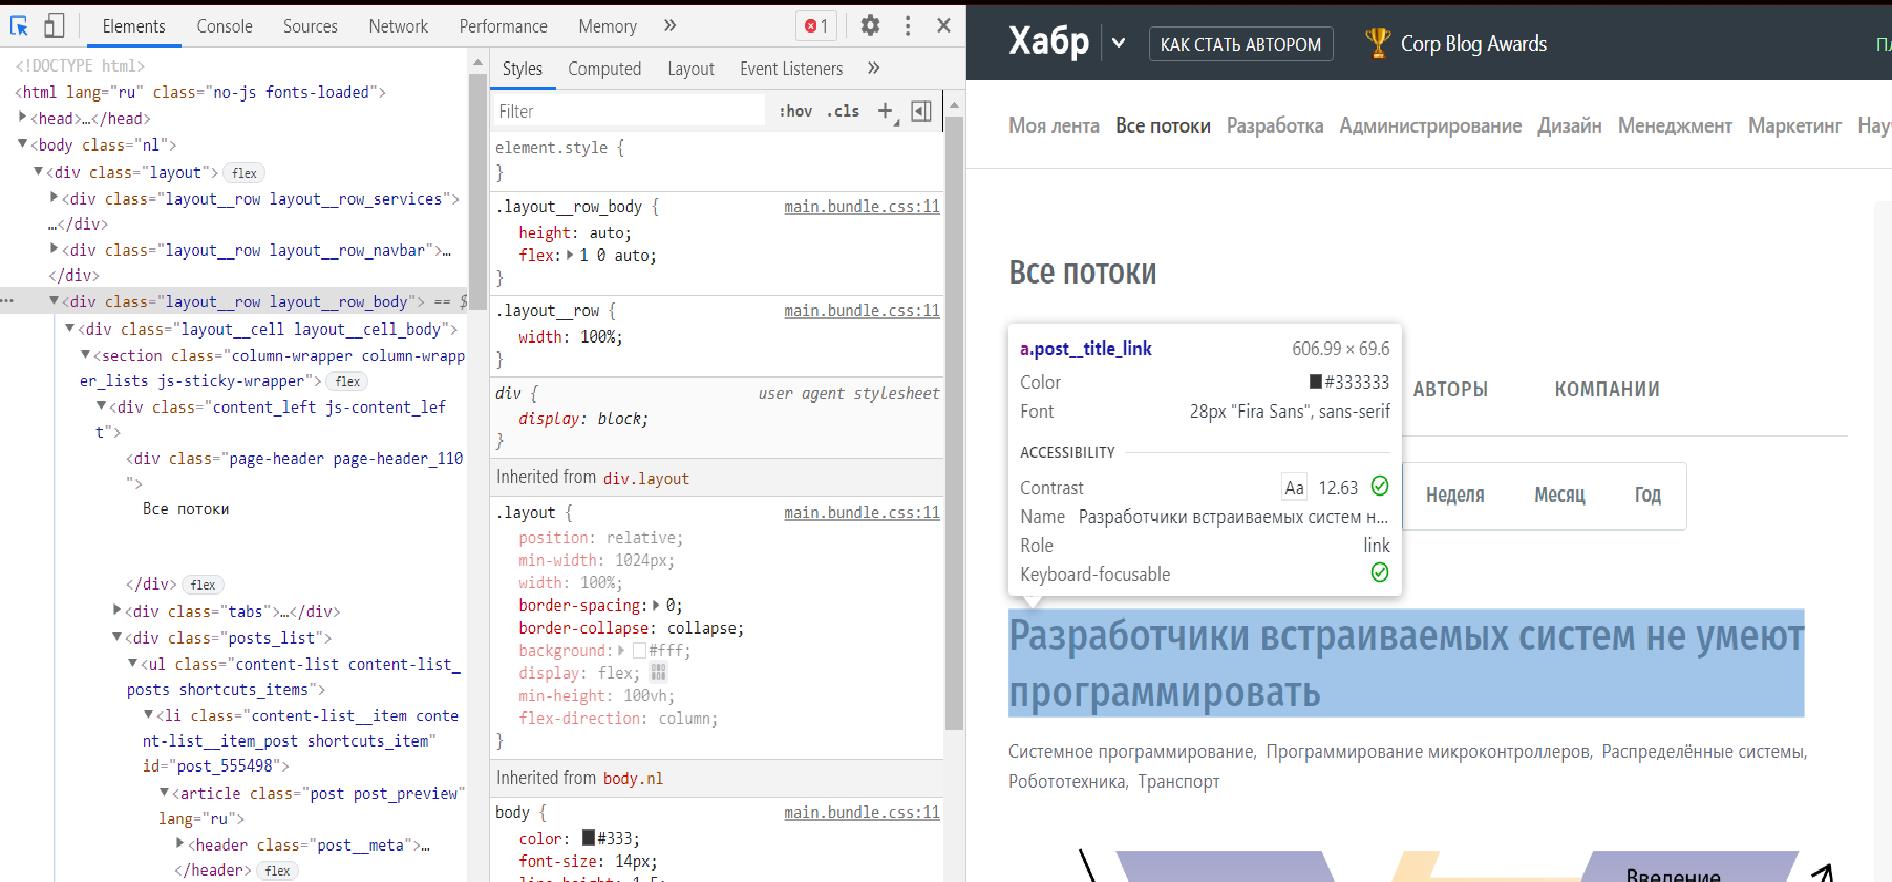 Инструменты для аудита CSS - 2